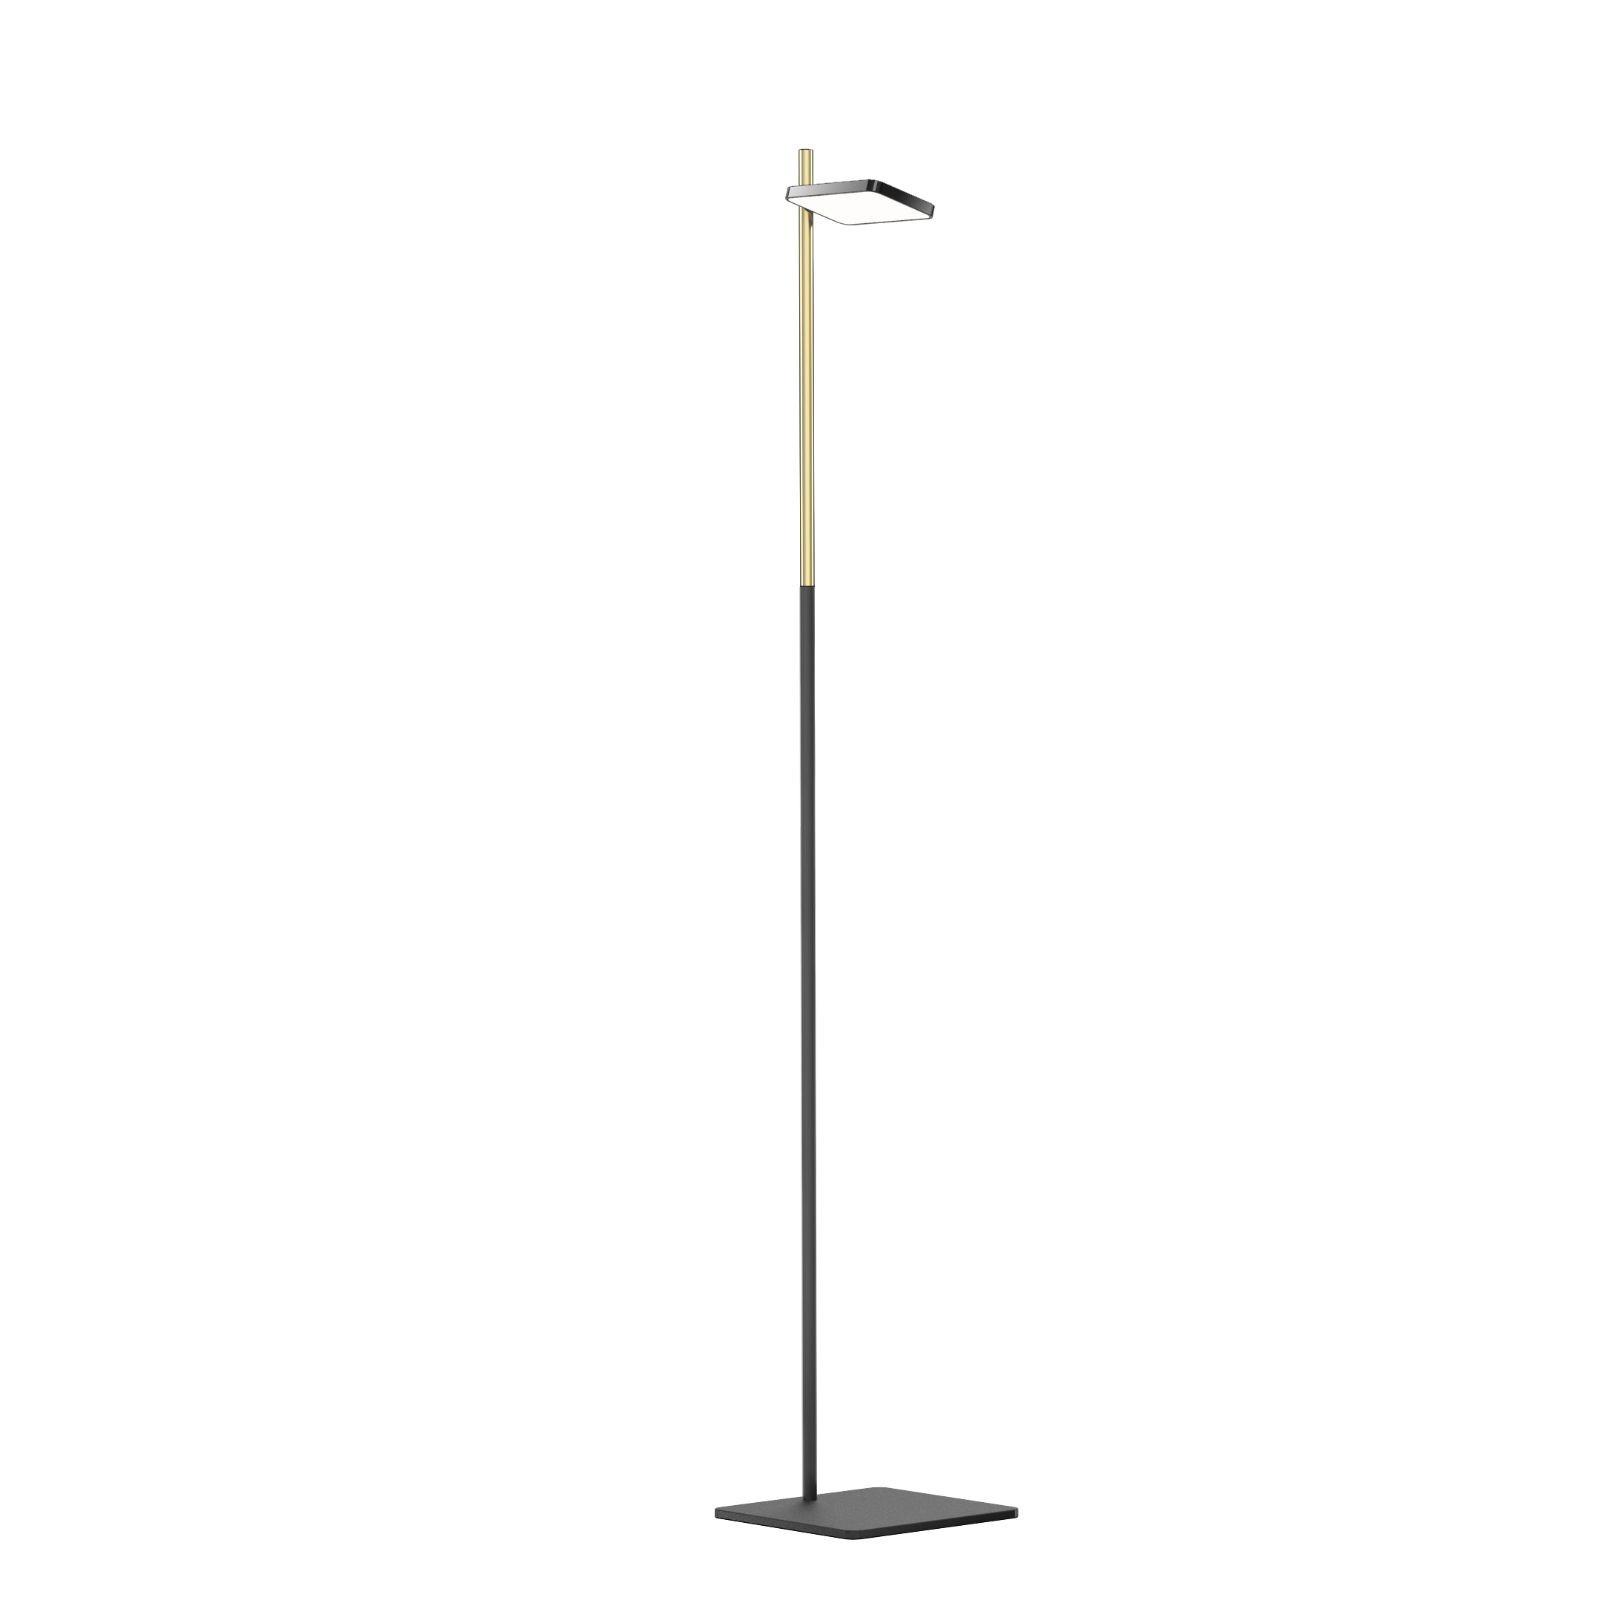 TALIA Φωτιστικό Δαπέδου LED (Μαύρο / Χρυσό) - Pablo Designs